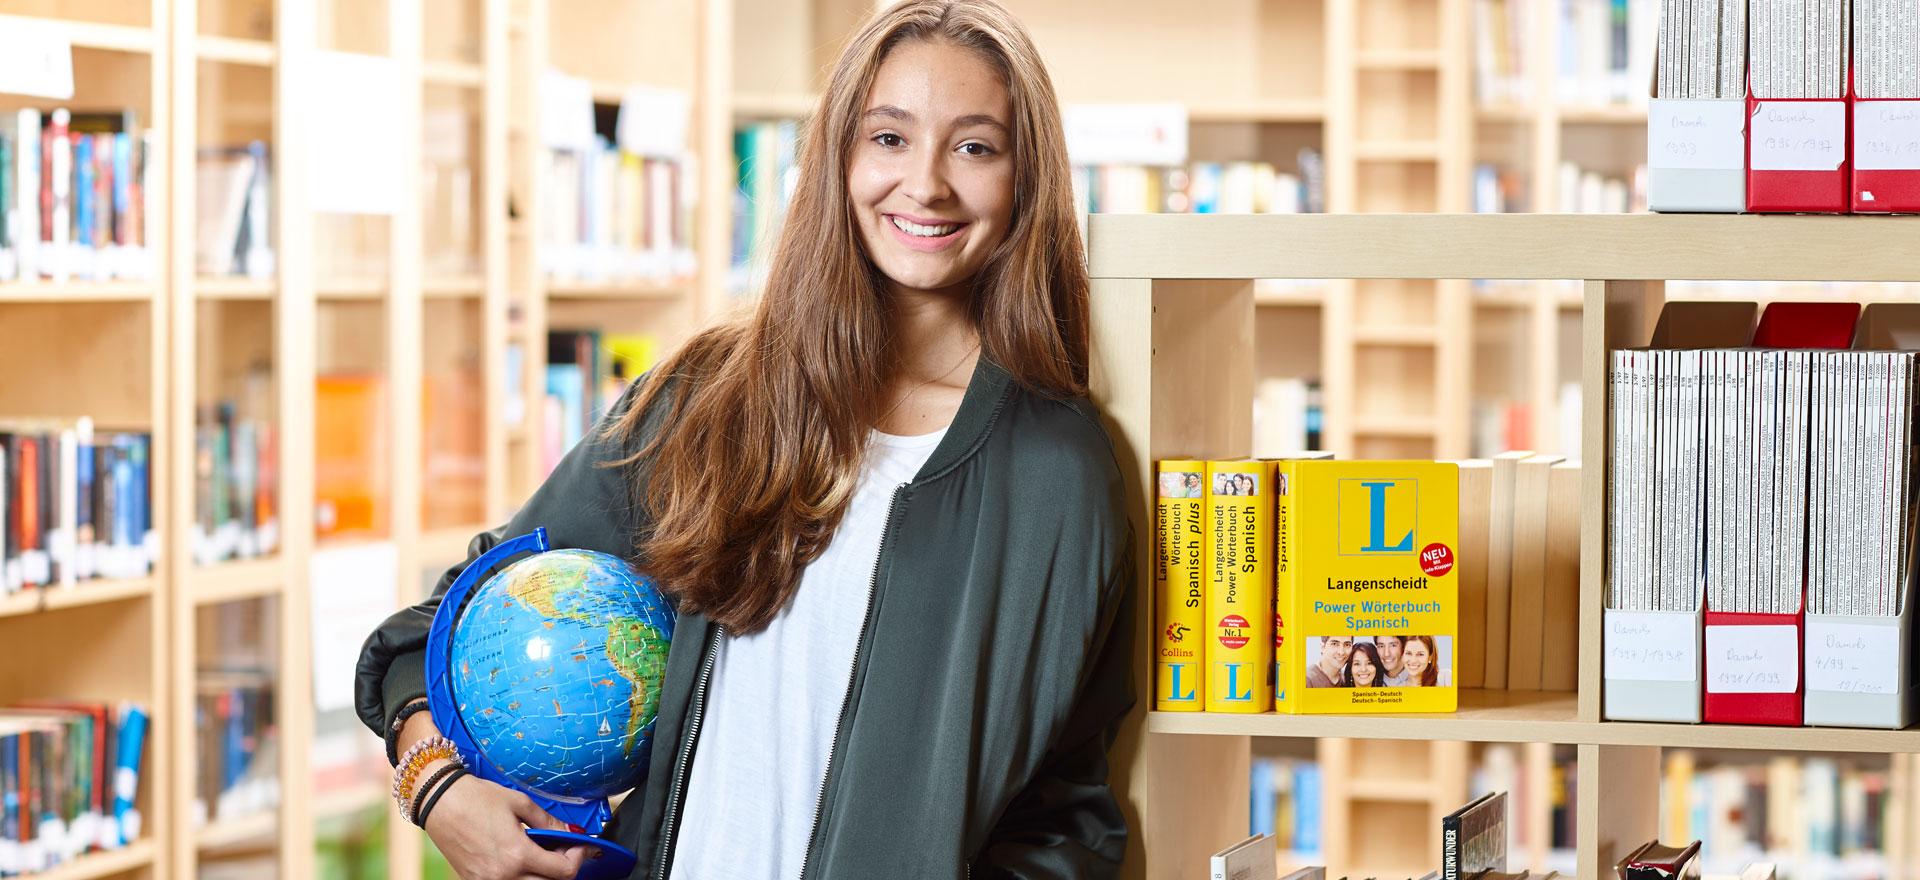 Kaufmännisches Berufskolleg Fremdsprachen an der Carlo Schmid Schule Karlsruhe und Mannheim